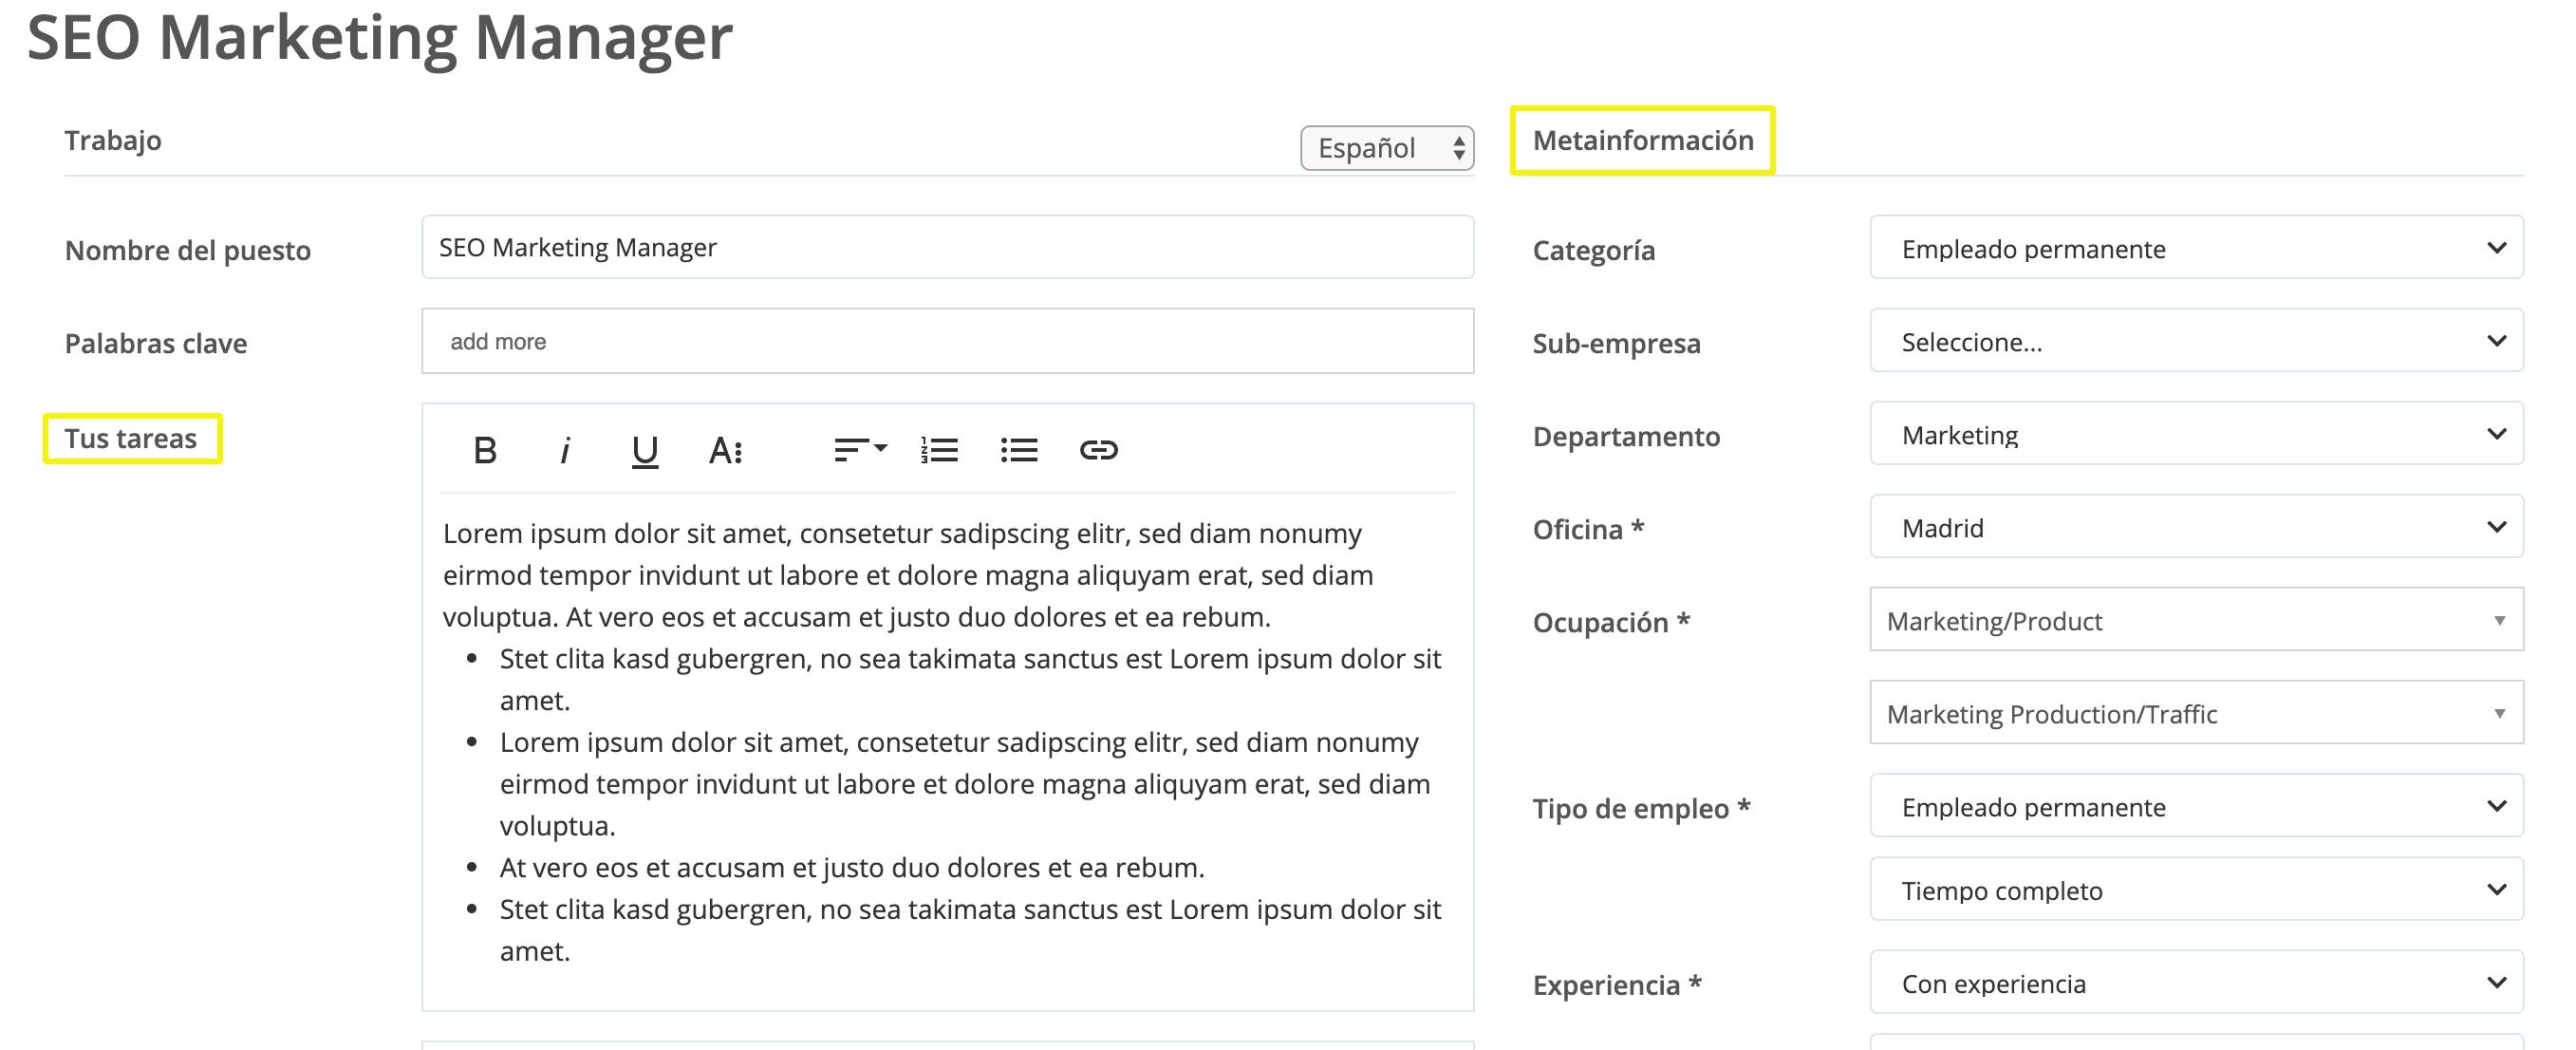 xml-integration-job-posting_es.png